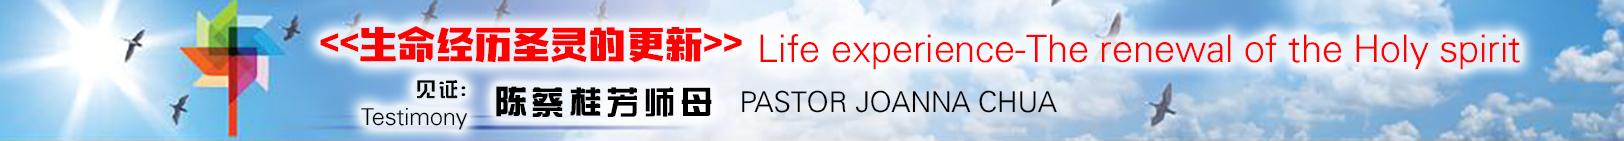 Testimony Ps Joanna